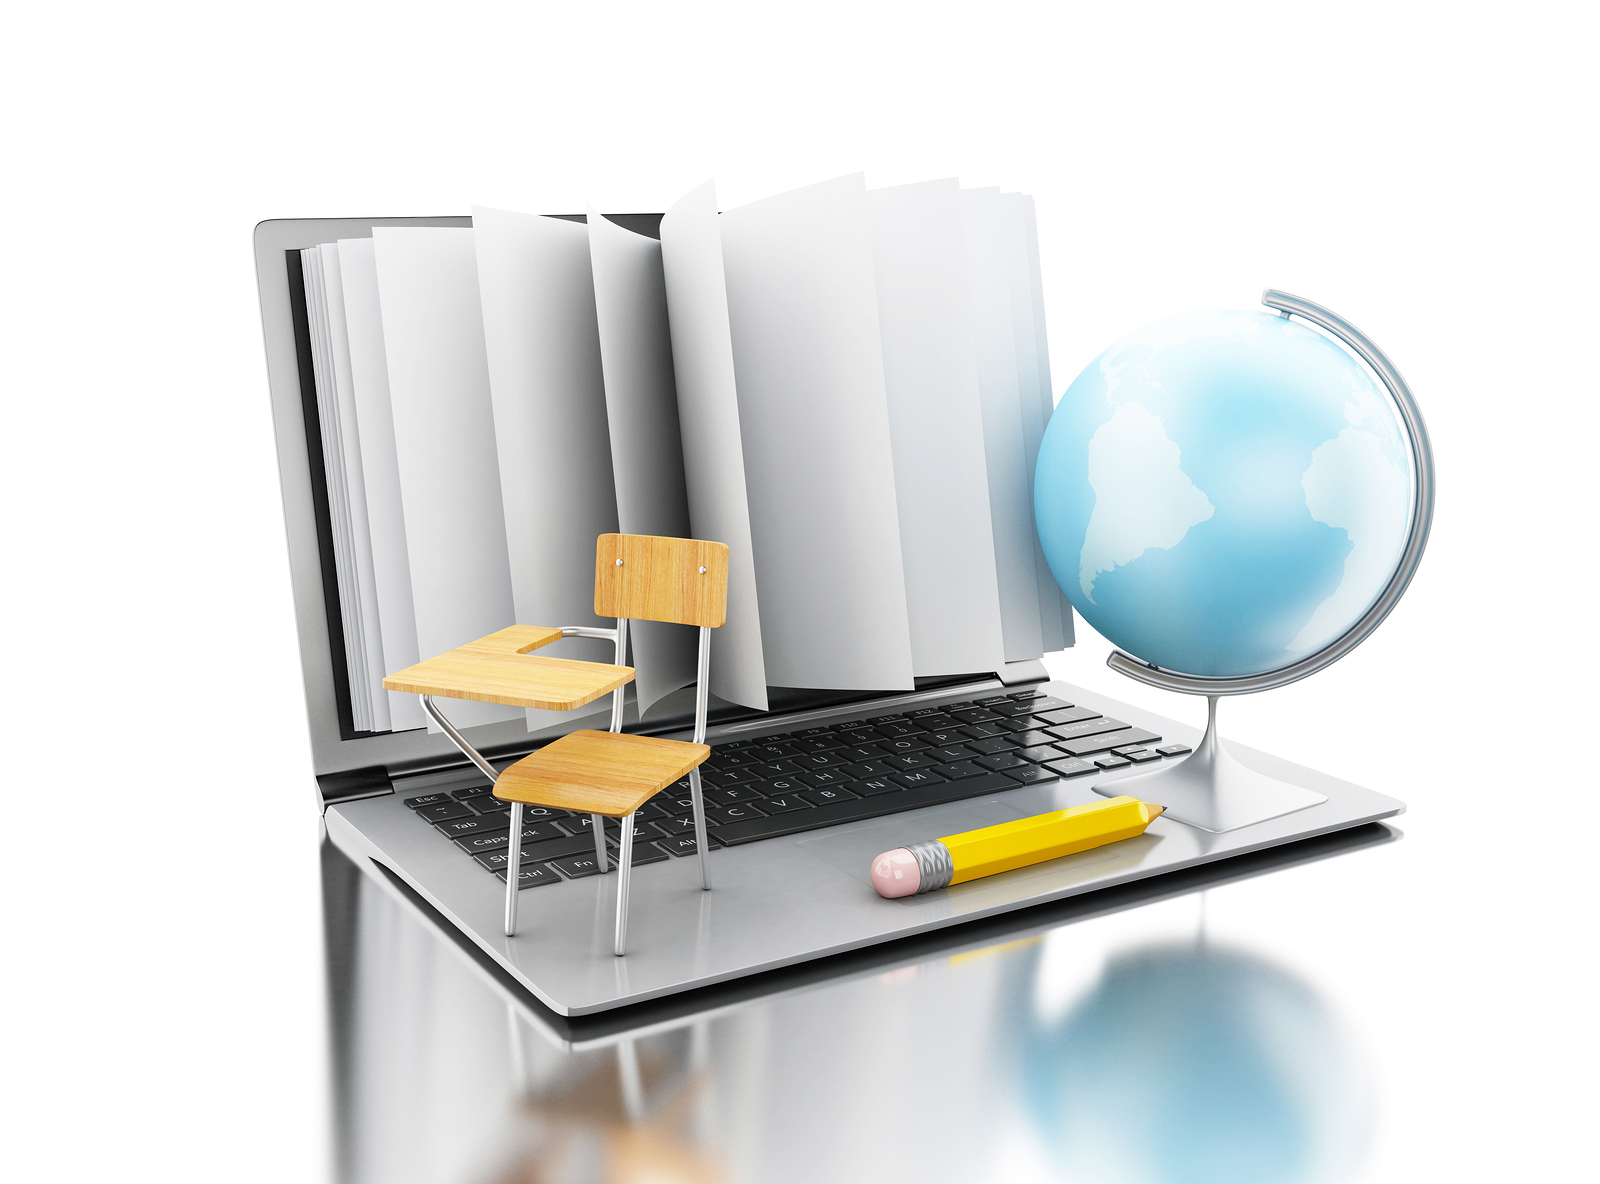 Un nuevo estudio revela las siete medidas más importantes que las instituciones deben tomar para mejorar sus programas de aprendizaje digital. -